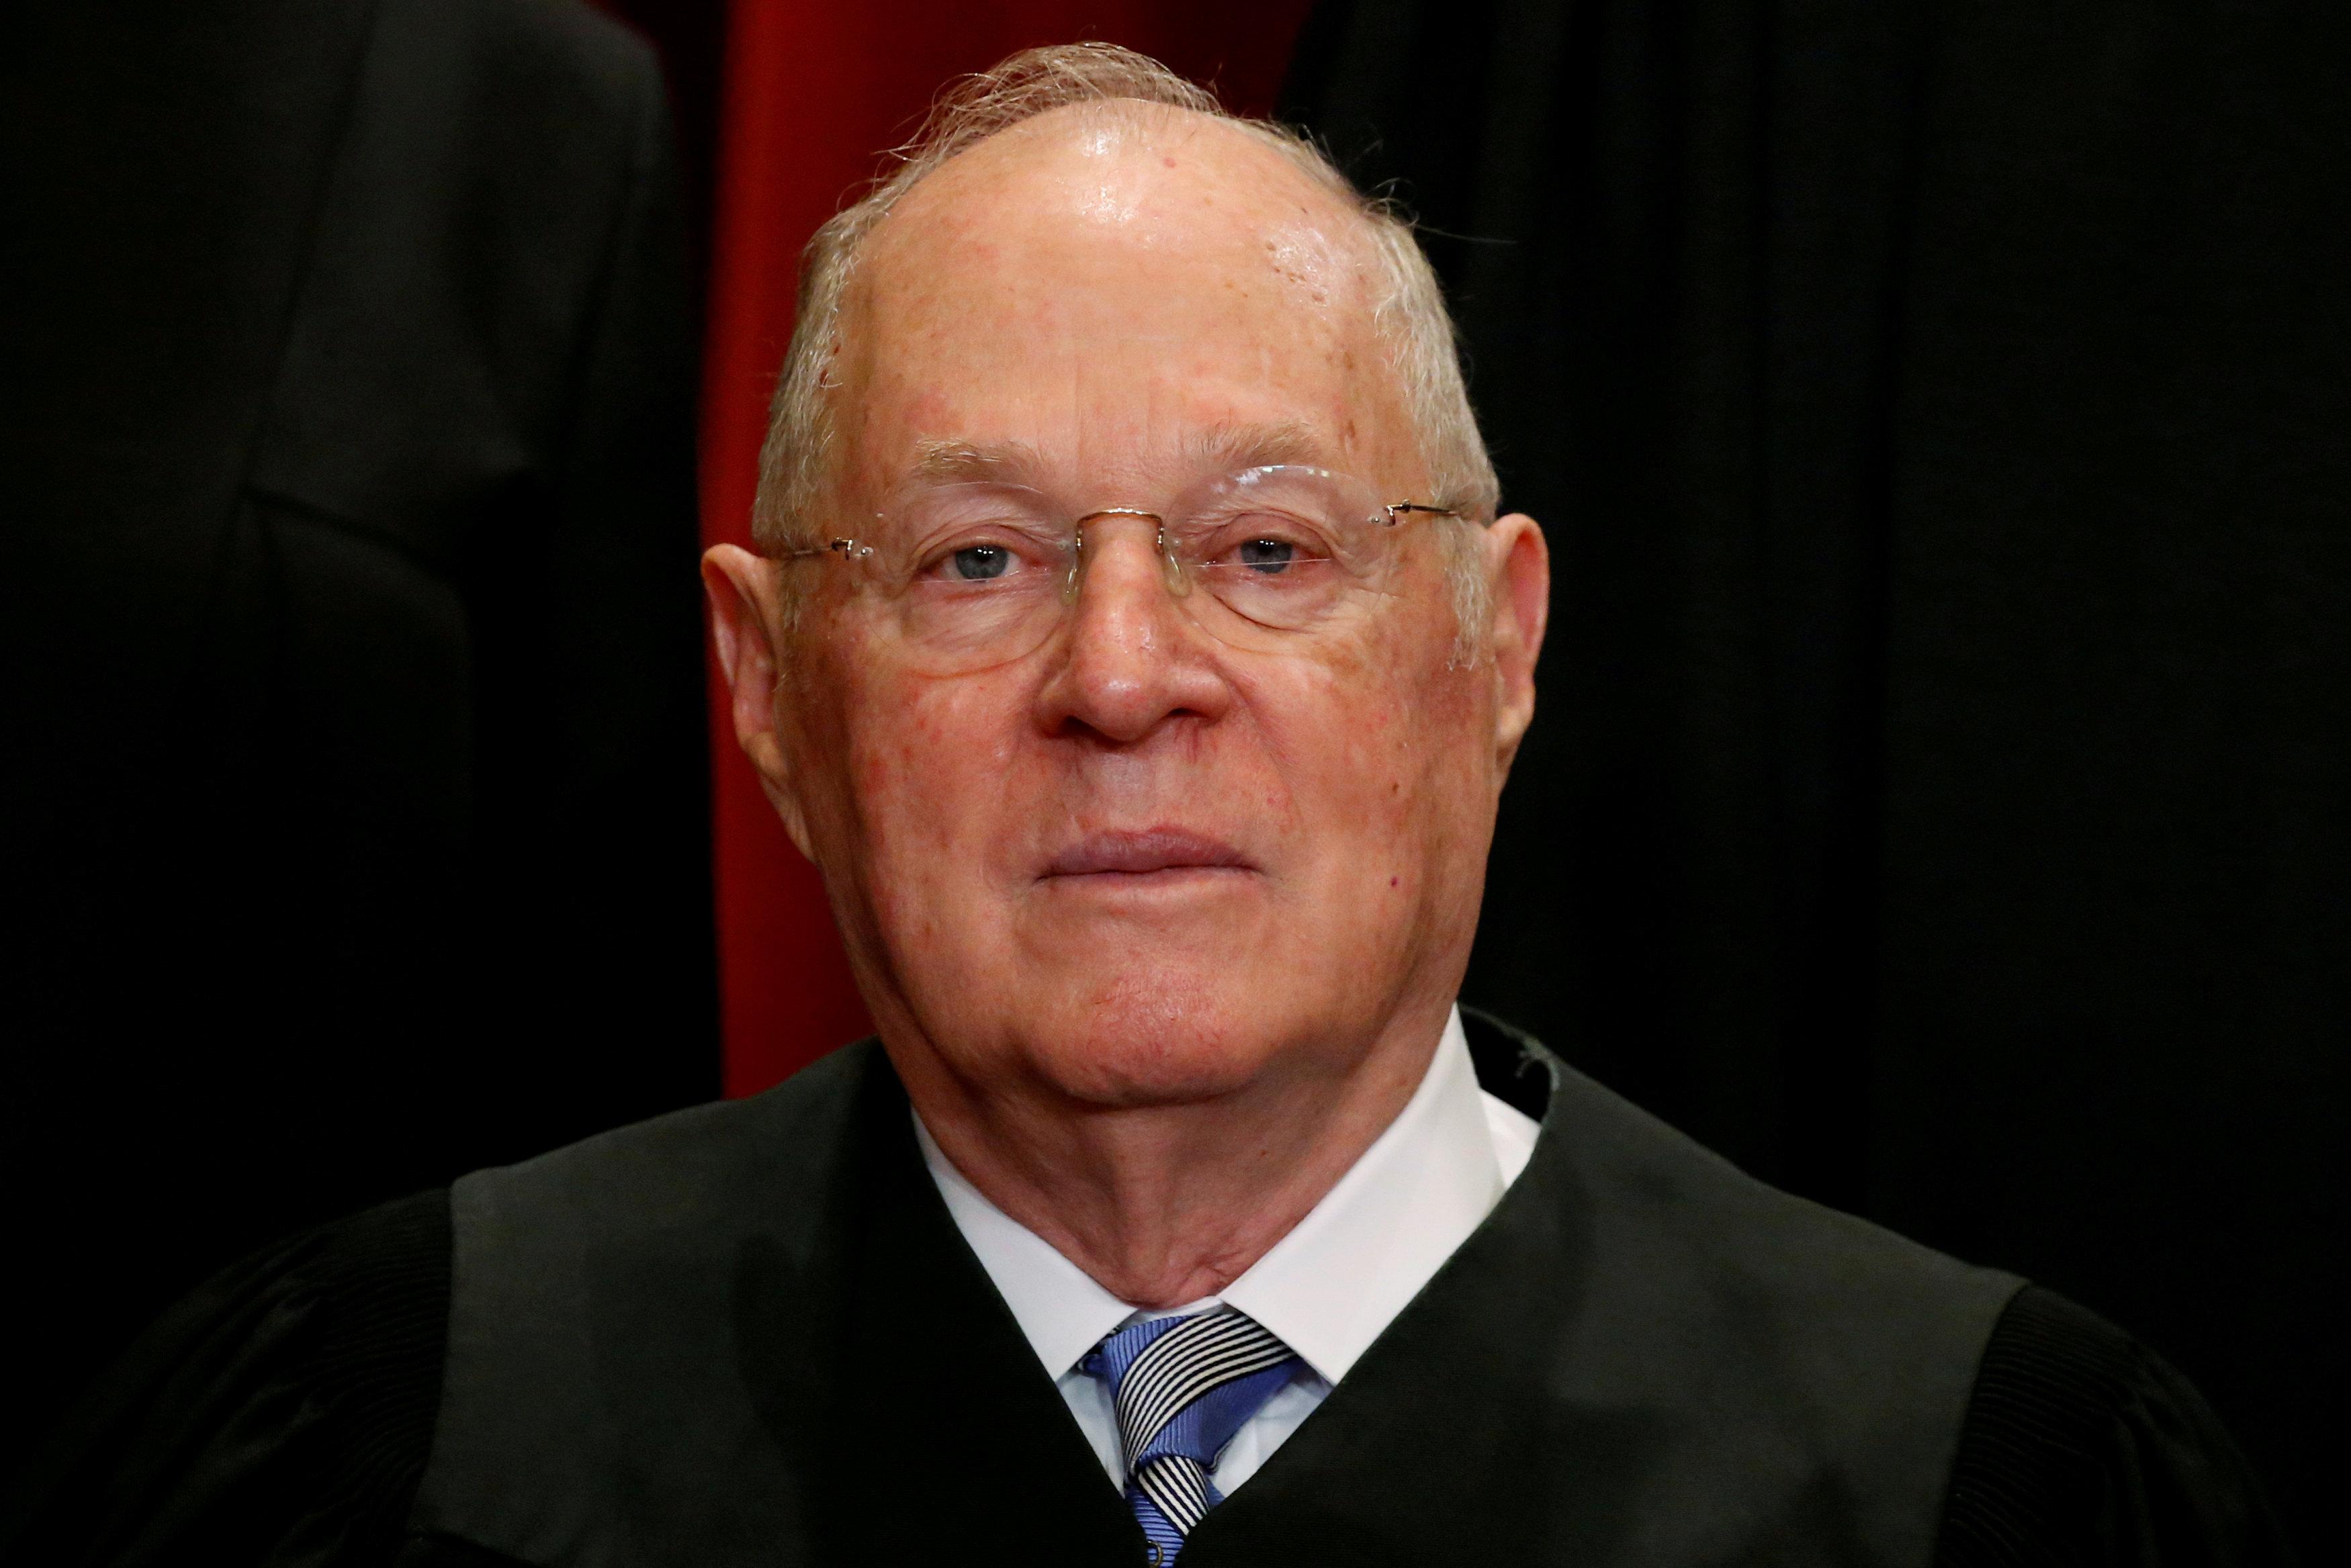 最高法院大法官甘迺迪退休,將導致最高法院路線重整。(路透)